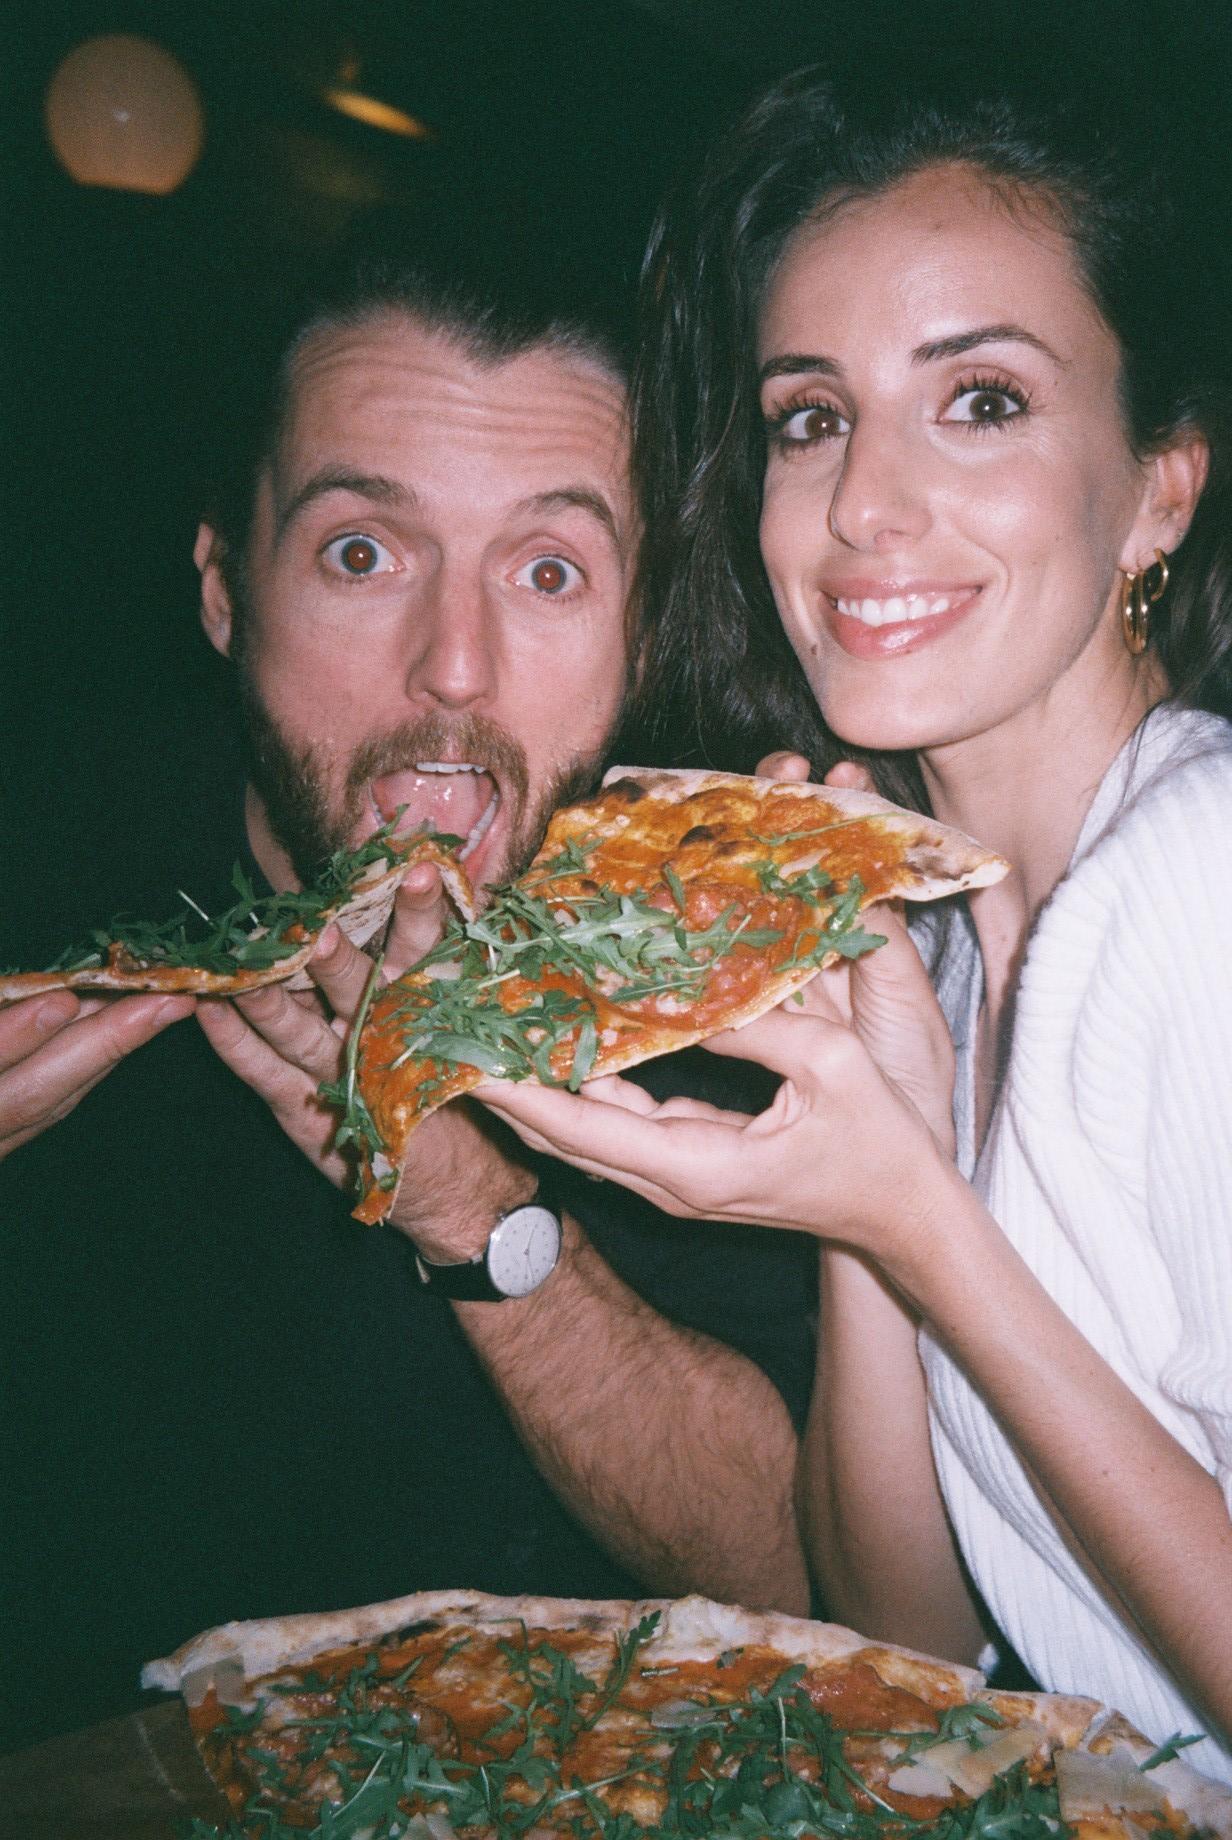 Martin and I at our favourite pizza place,  Homeslice , after Lucy's birthday. For us this is the best pizzeria in London and we've tried quite a few. / O Martin e eu na nossa pizzaria preferida,  Homeslice , depois do aniversário da Lucy. Para nós esta é a melhor pizzaria de Londres e olha que já experimentámos bastantes.